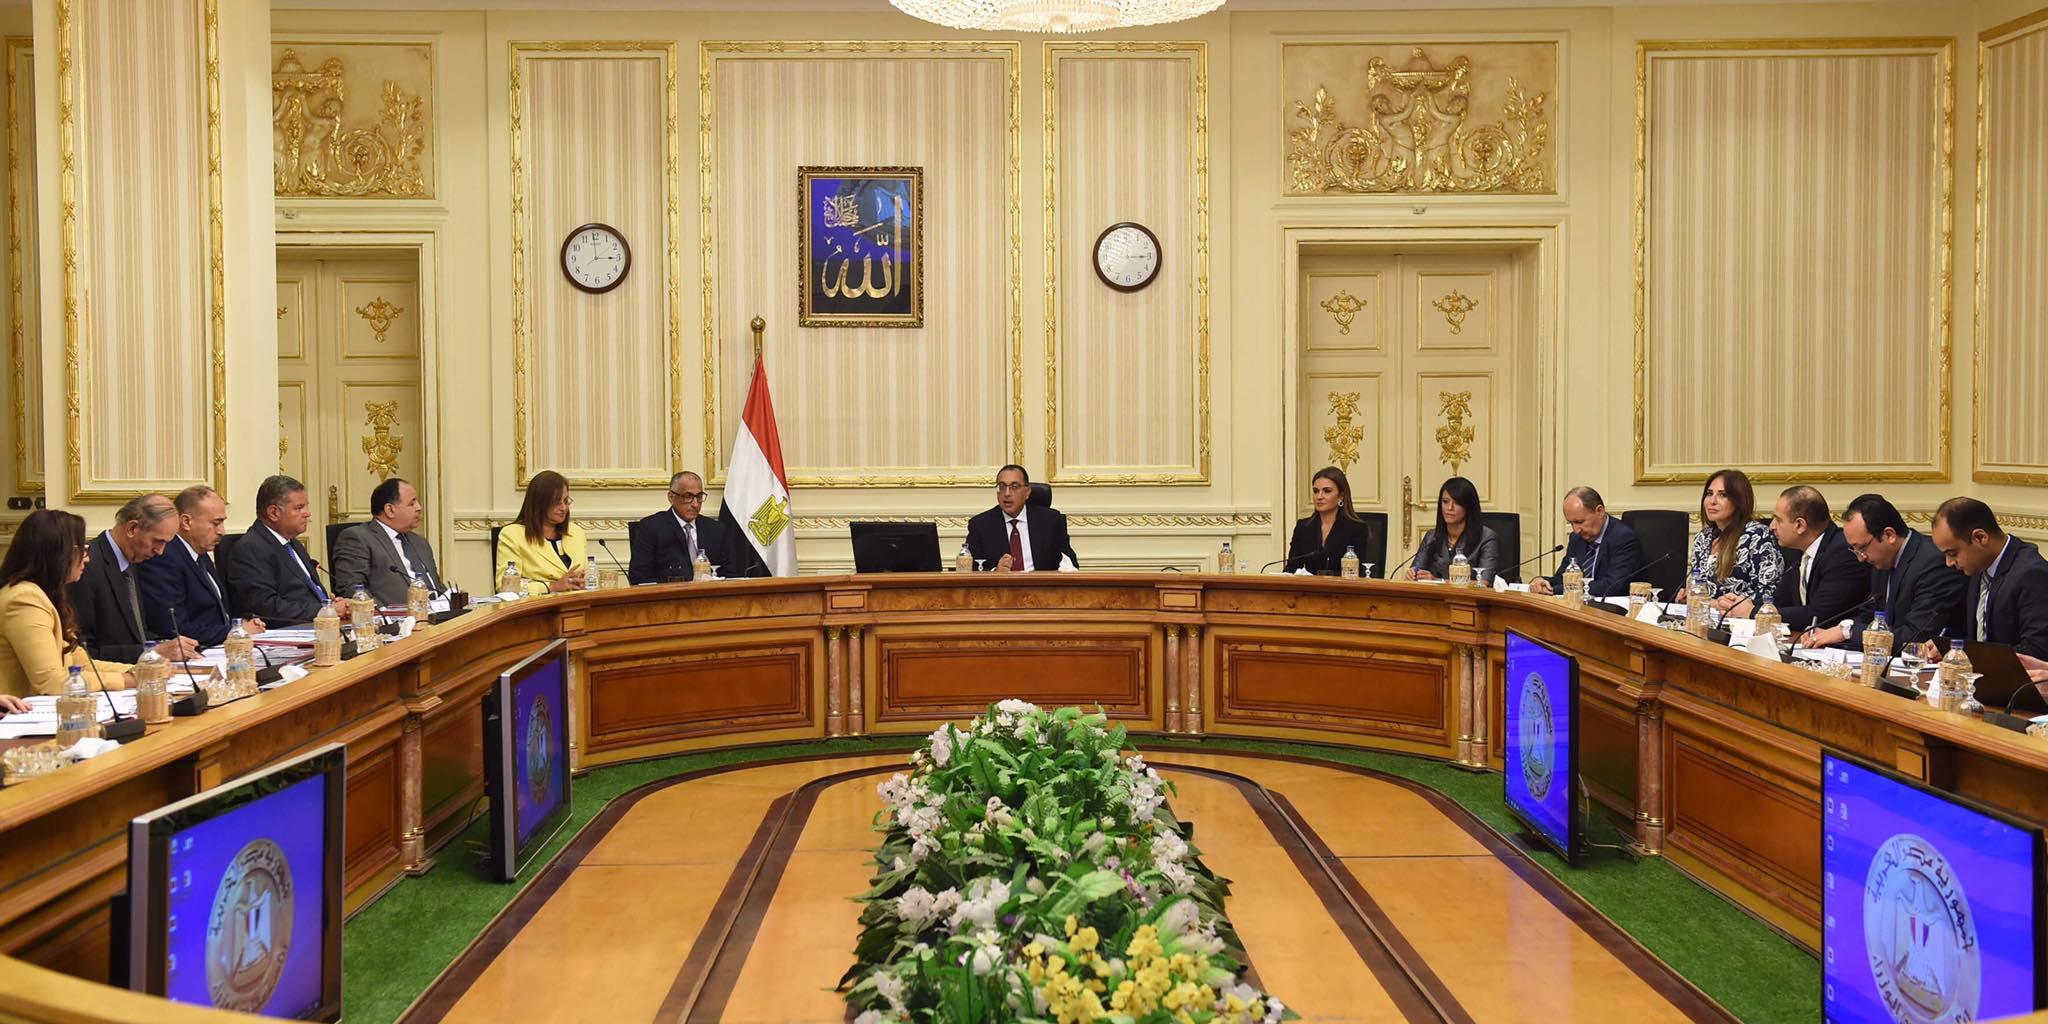 دولة رئيس الوزراء يكلف بتشكيل مجموعة عمل تنفيذية لدراسة تداعيات المتغيرات الاقتصادية العالمية